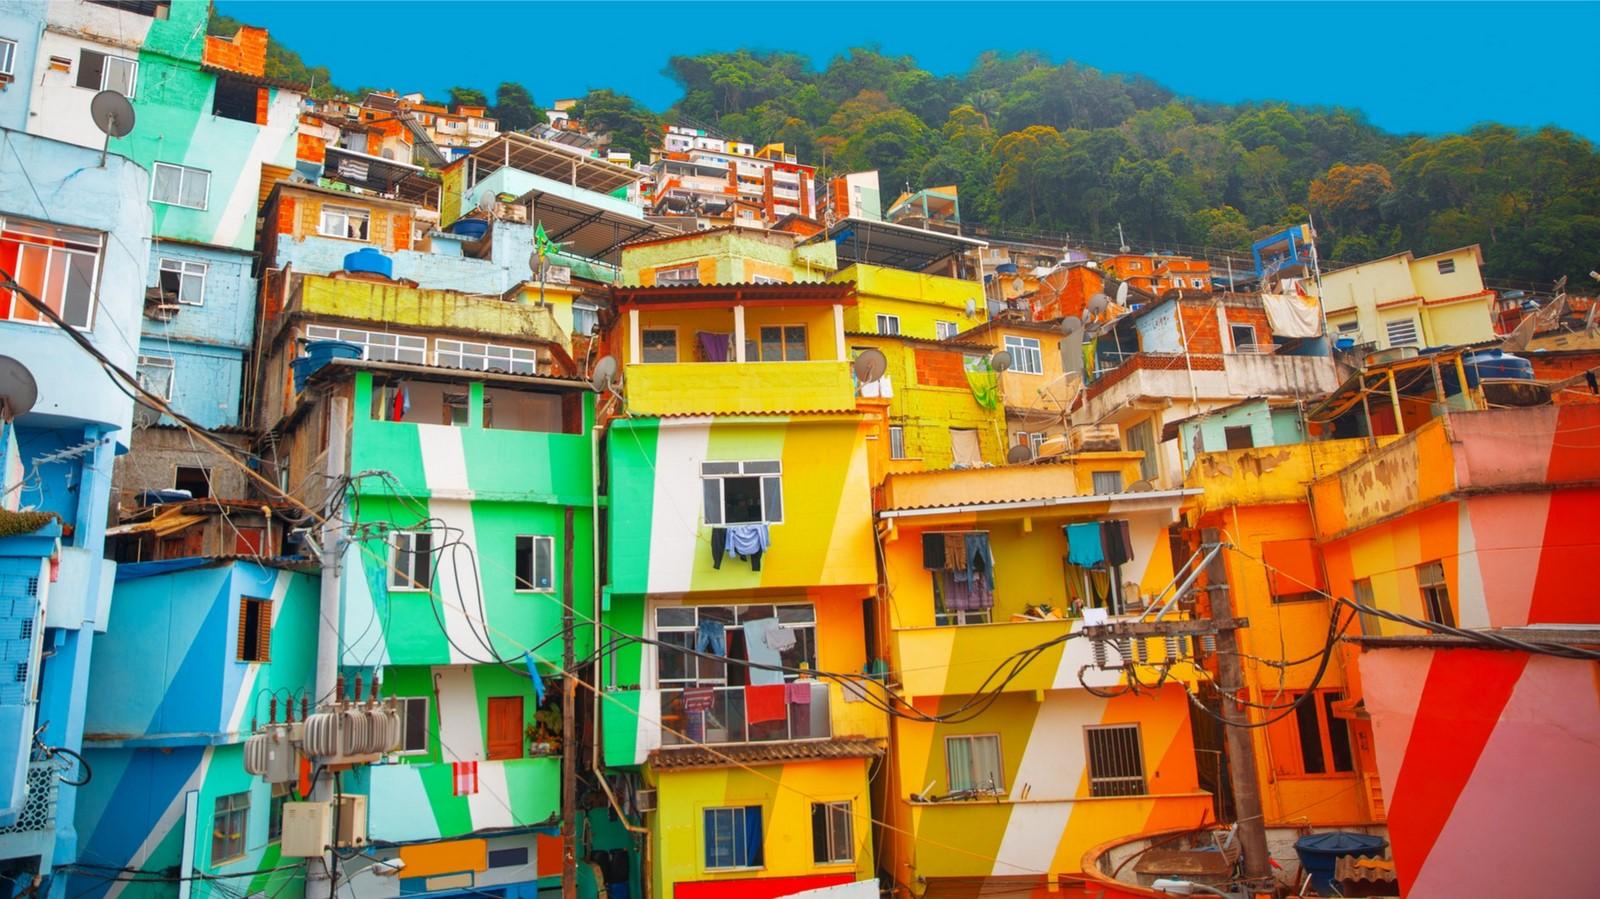 Favela Paintings at Santa Marta - Sheet4